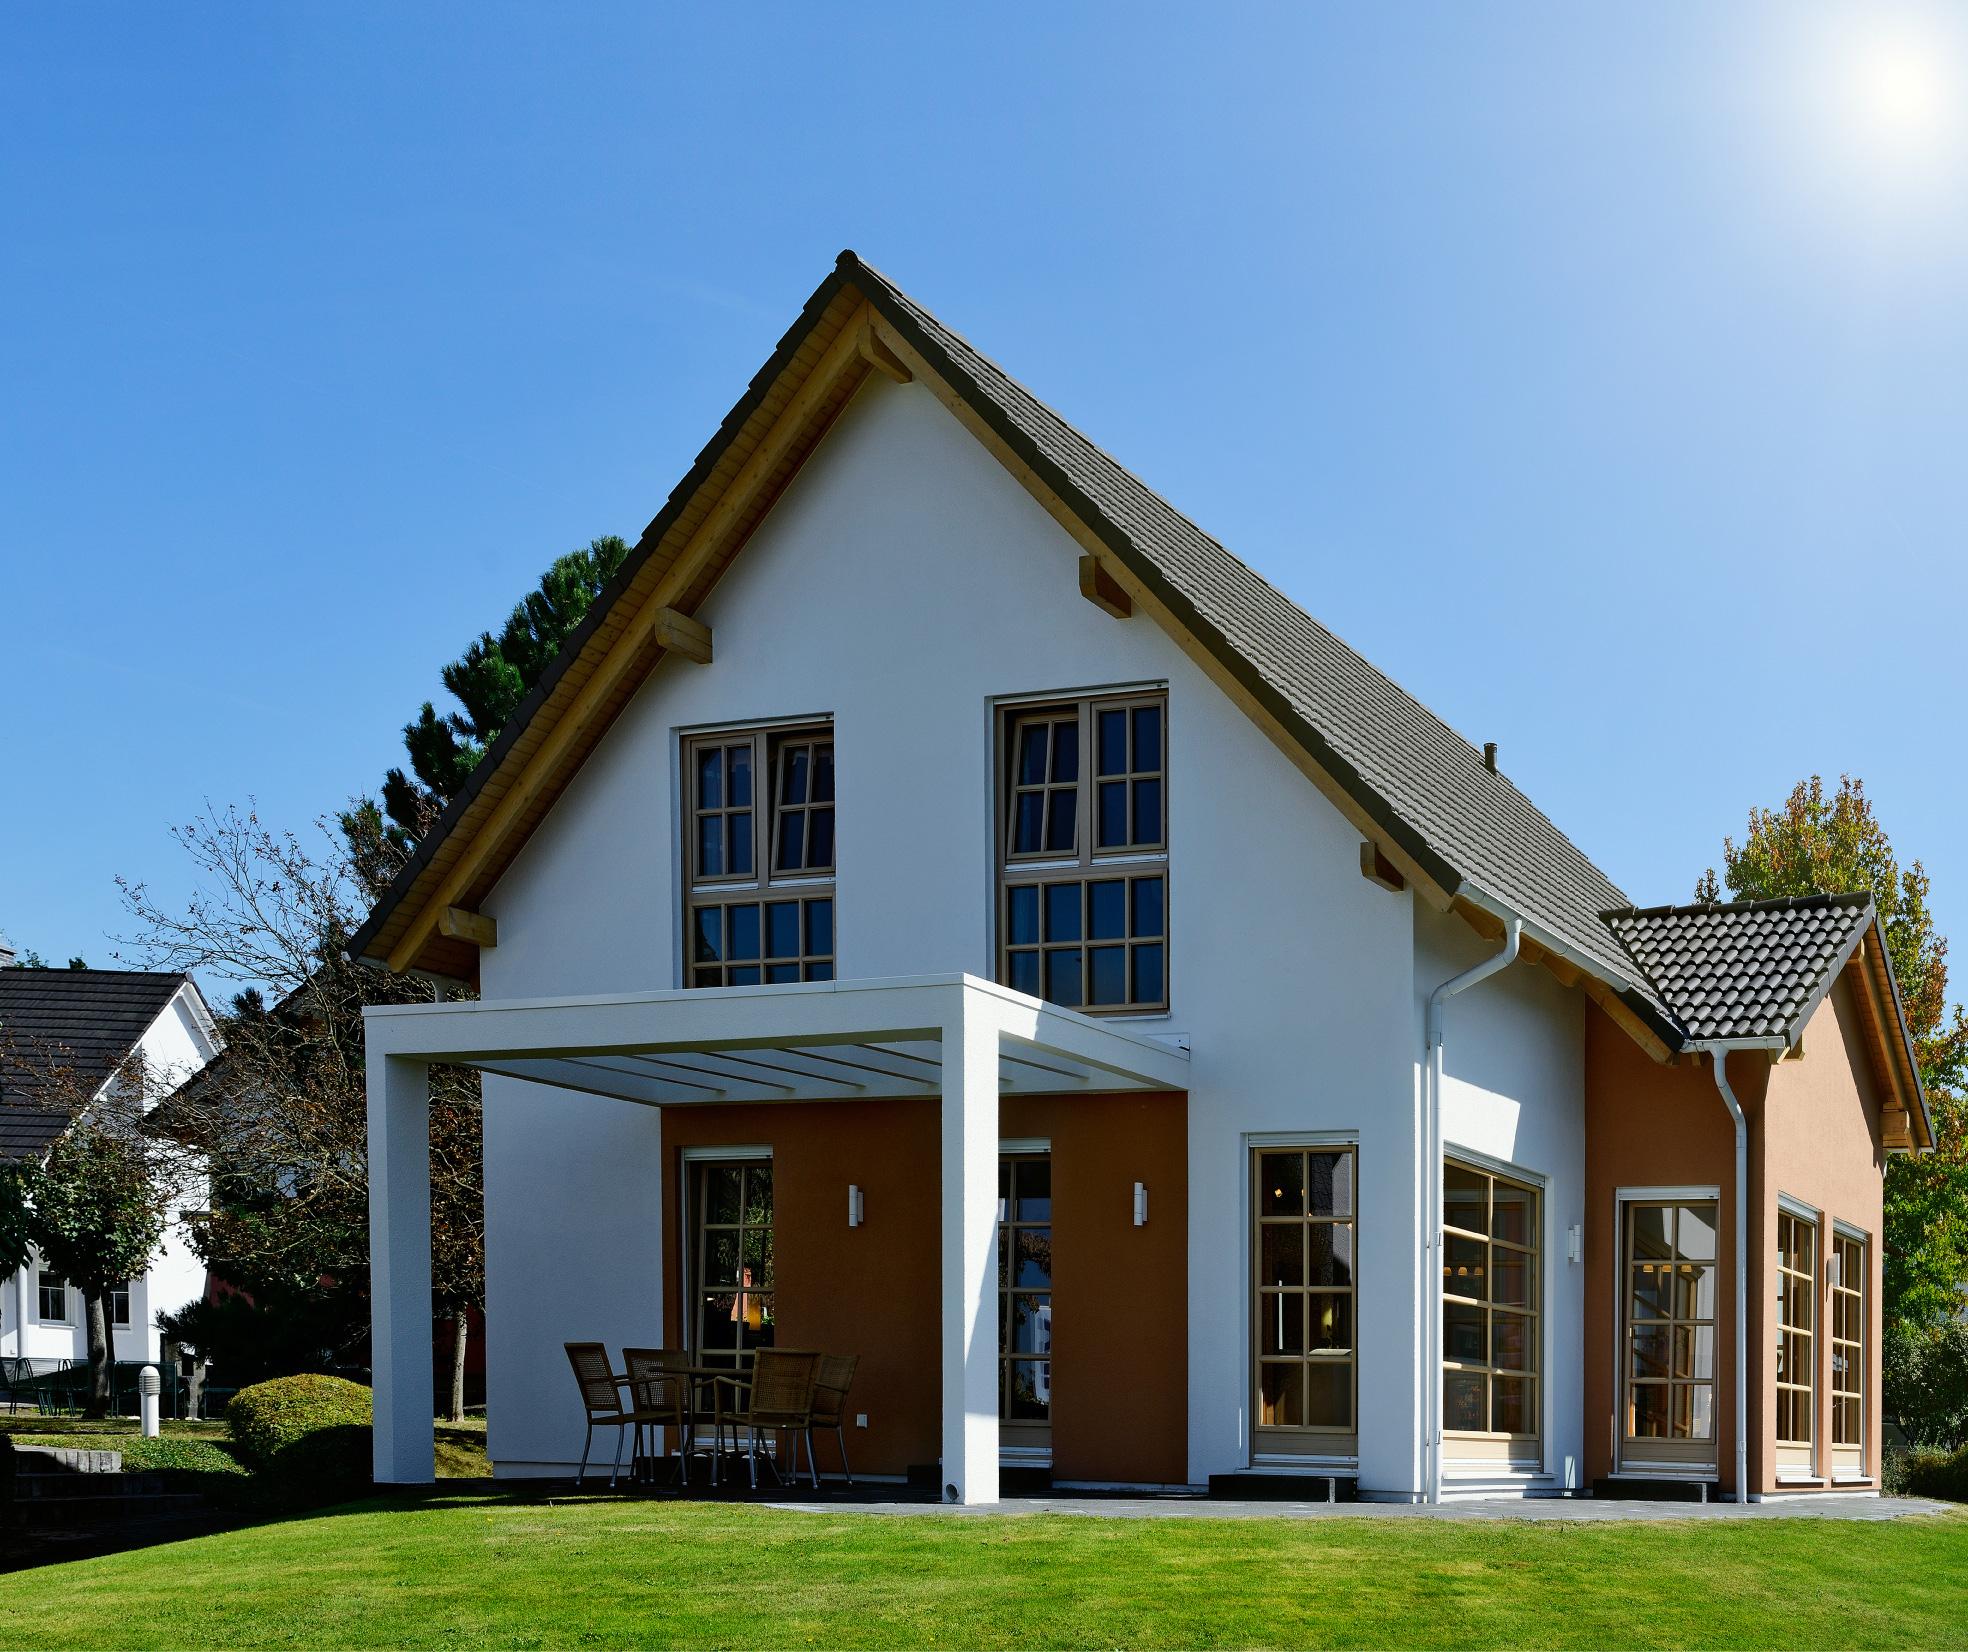 Einfamilienhaus Fertighaus bauantrag online